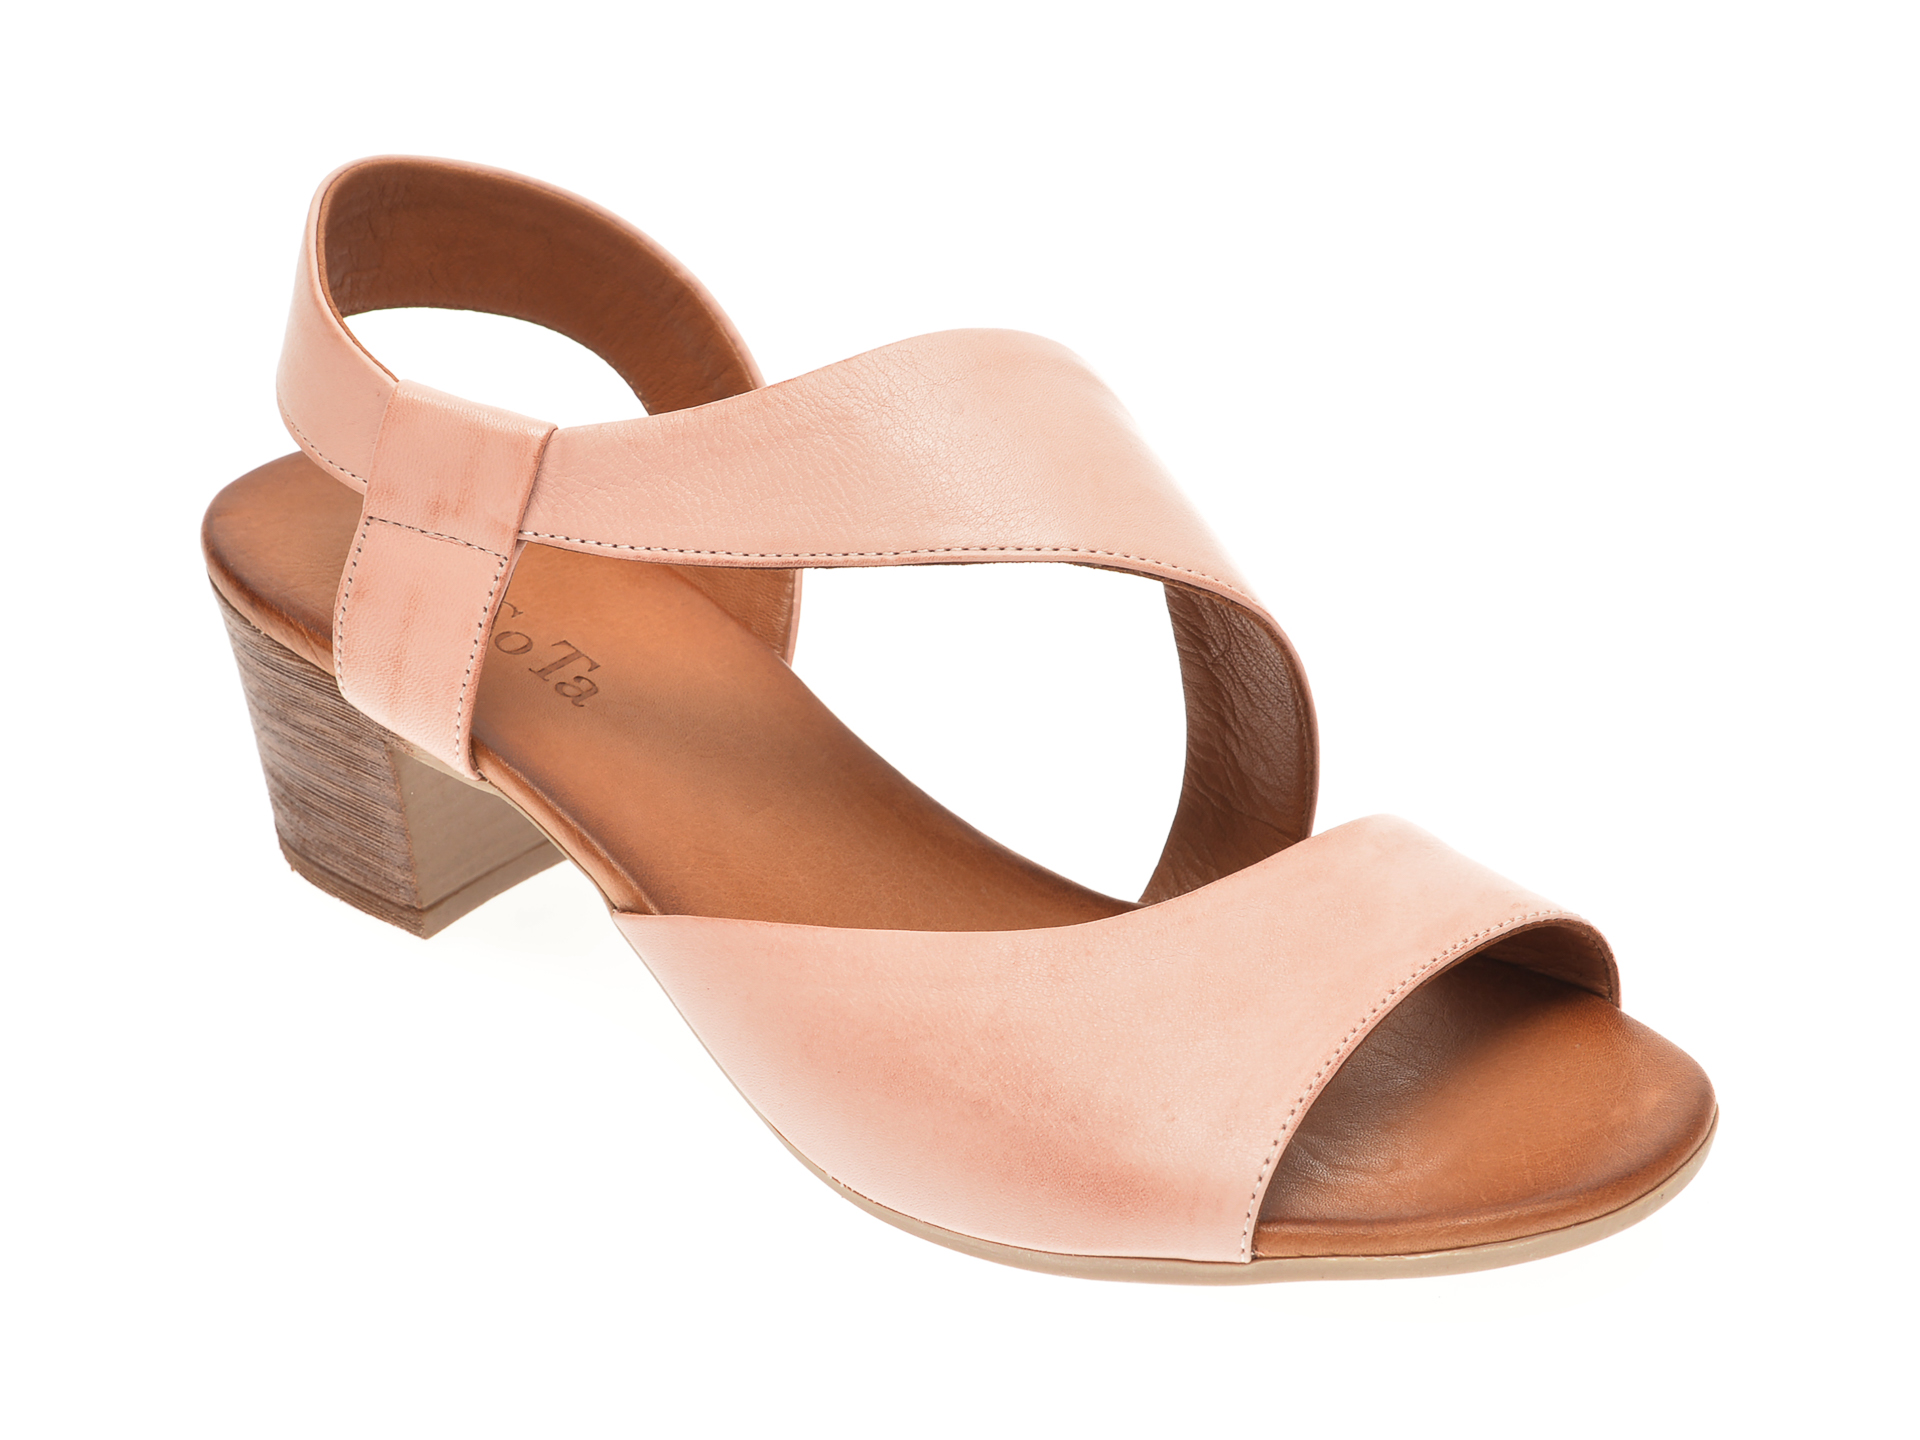 Sandale DACOTA nude, 085108, din piele naturala